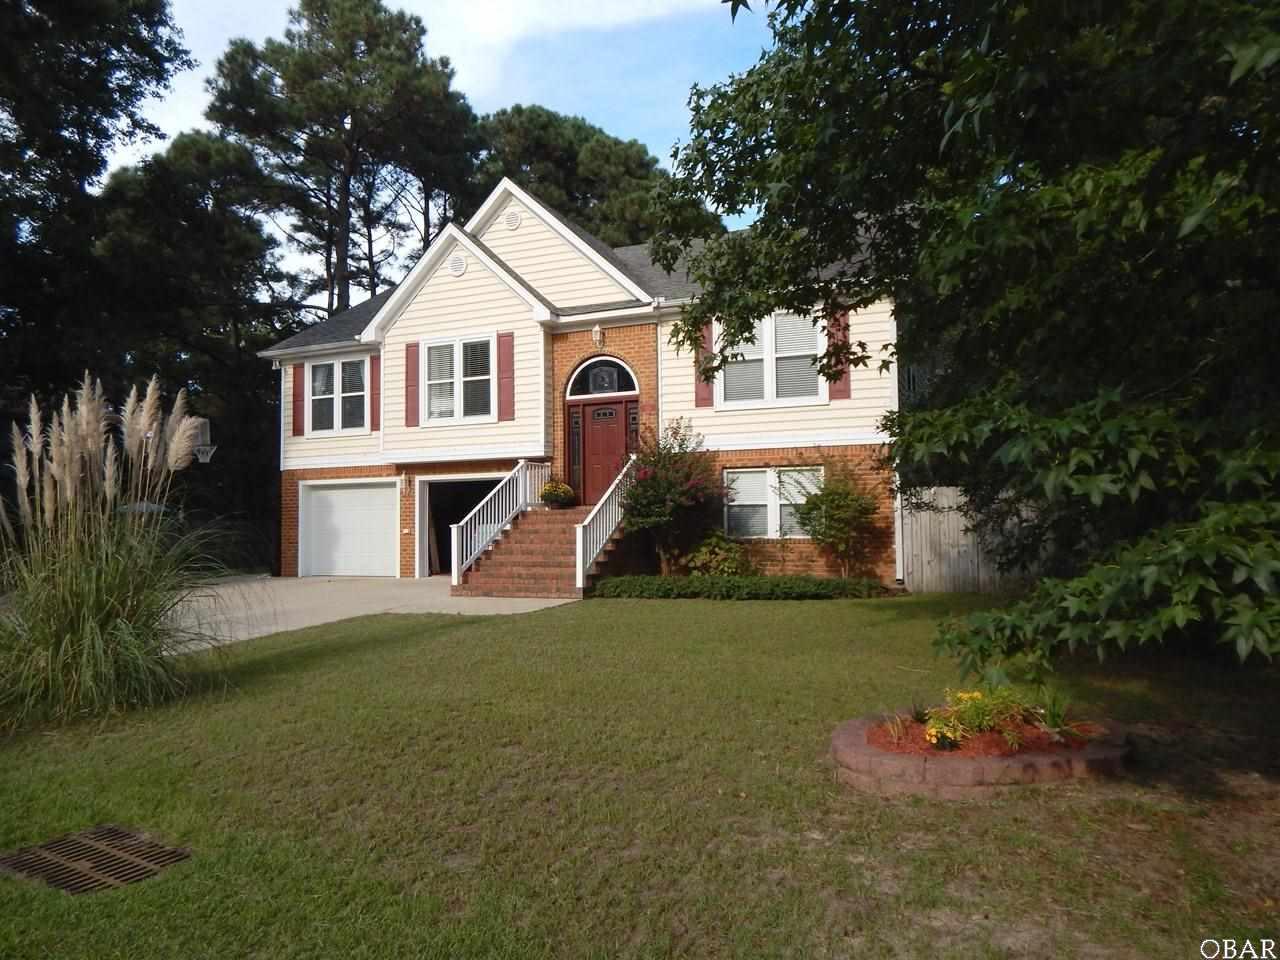 903 First Street,Kill Devil Hills,NC 27948,4 Bedrooms Bedrooms,3 BathroomsBathrooms,Residential,First Street,85412